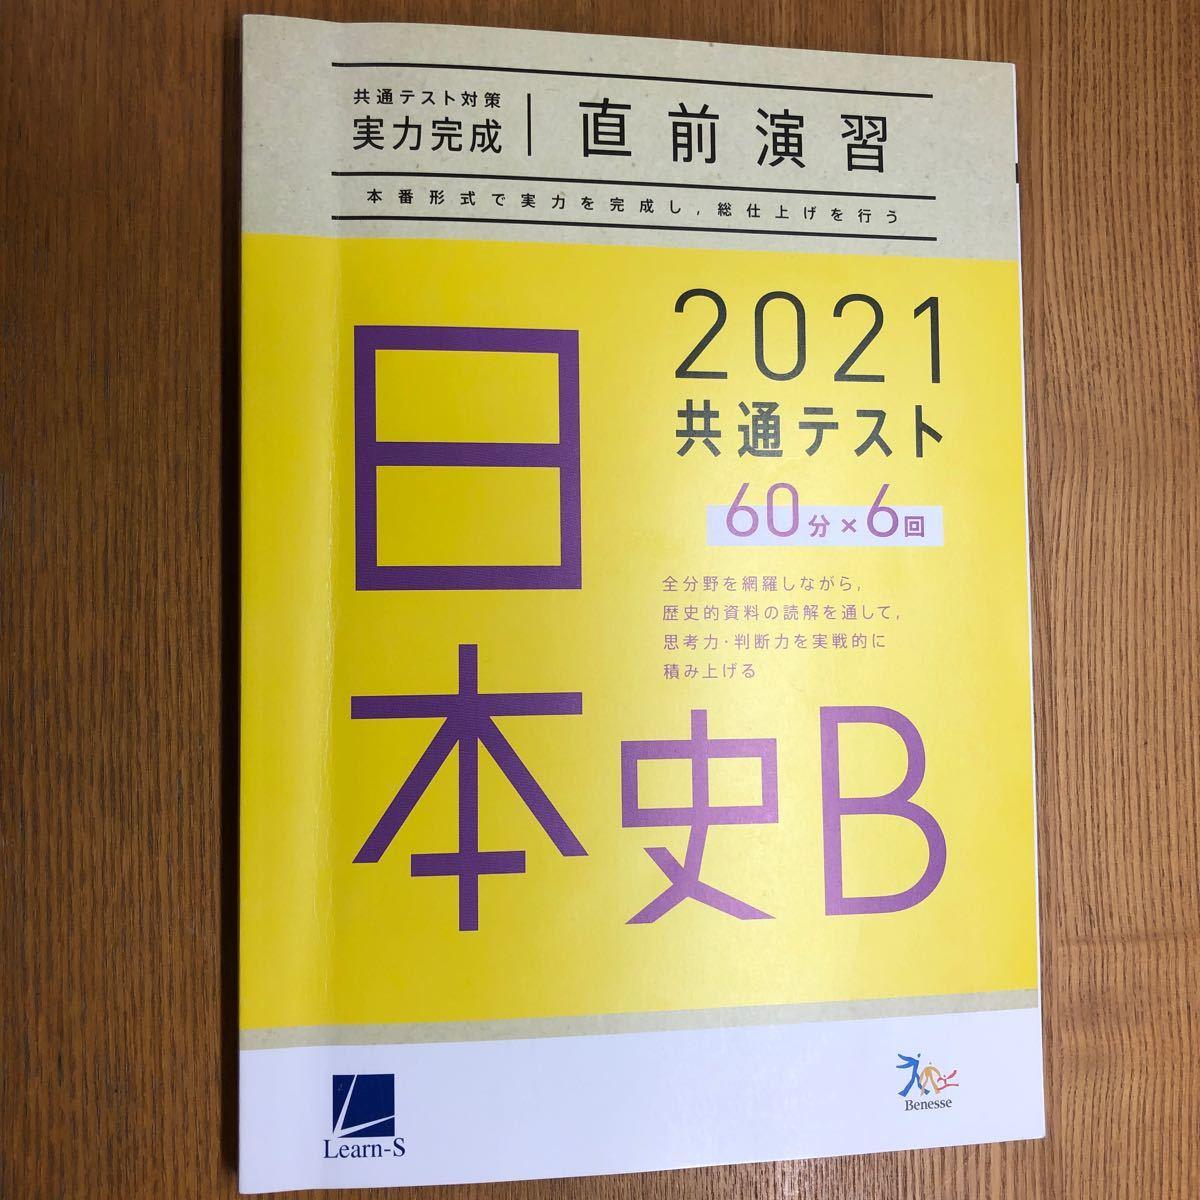 共通テスト対策 実力完成 直前演習 日本史B